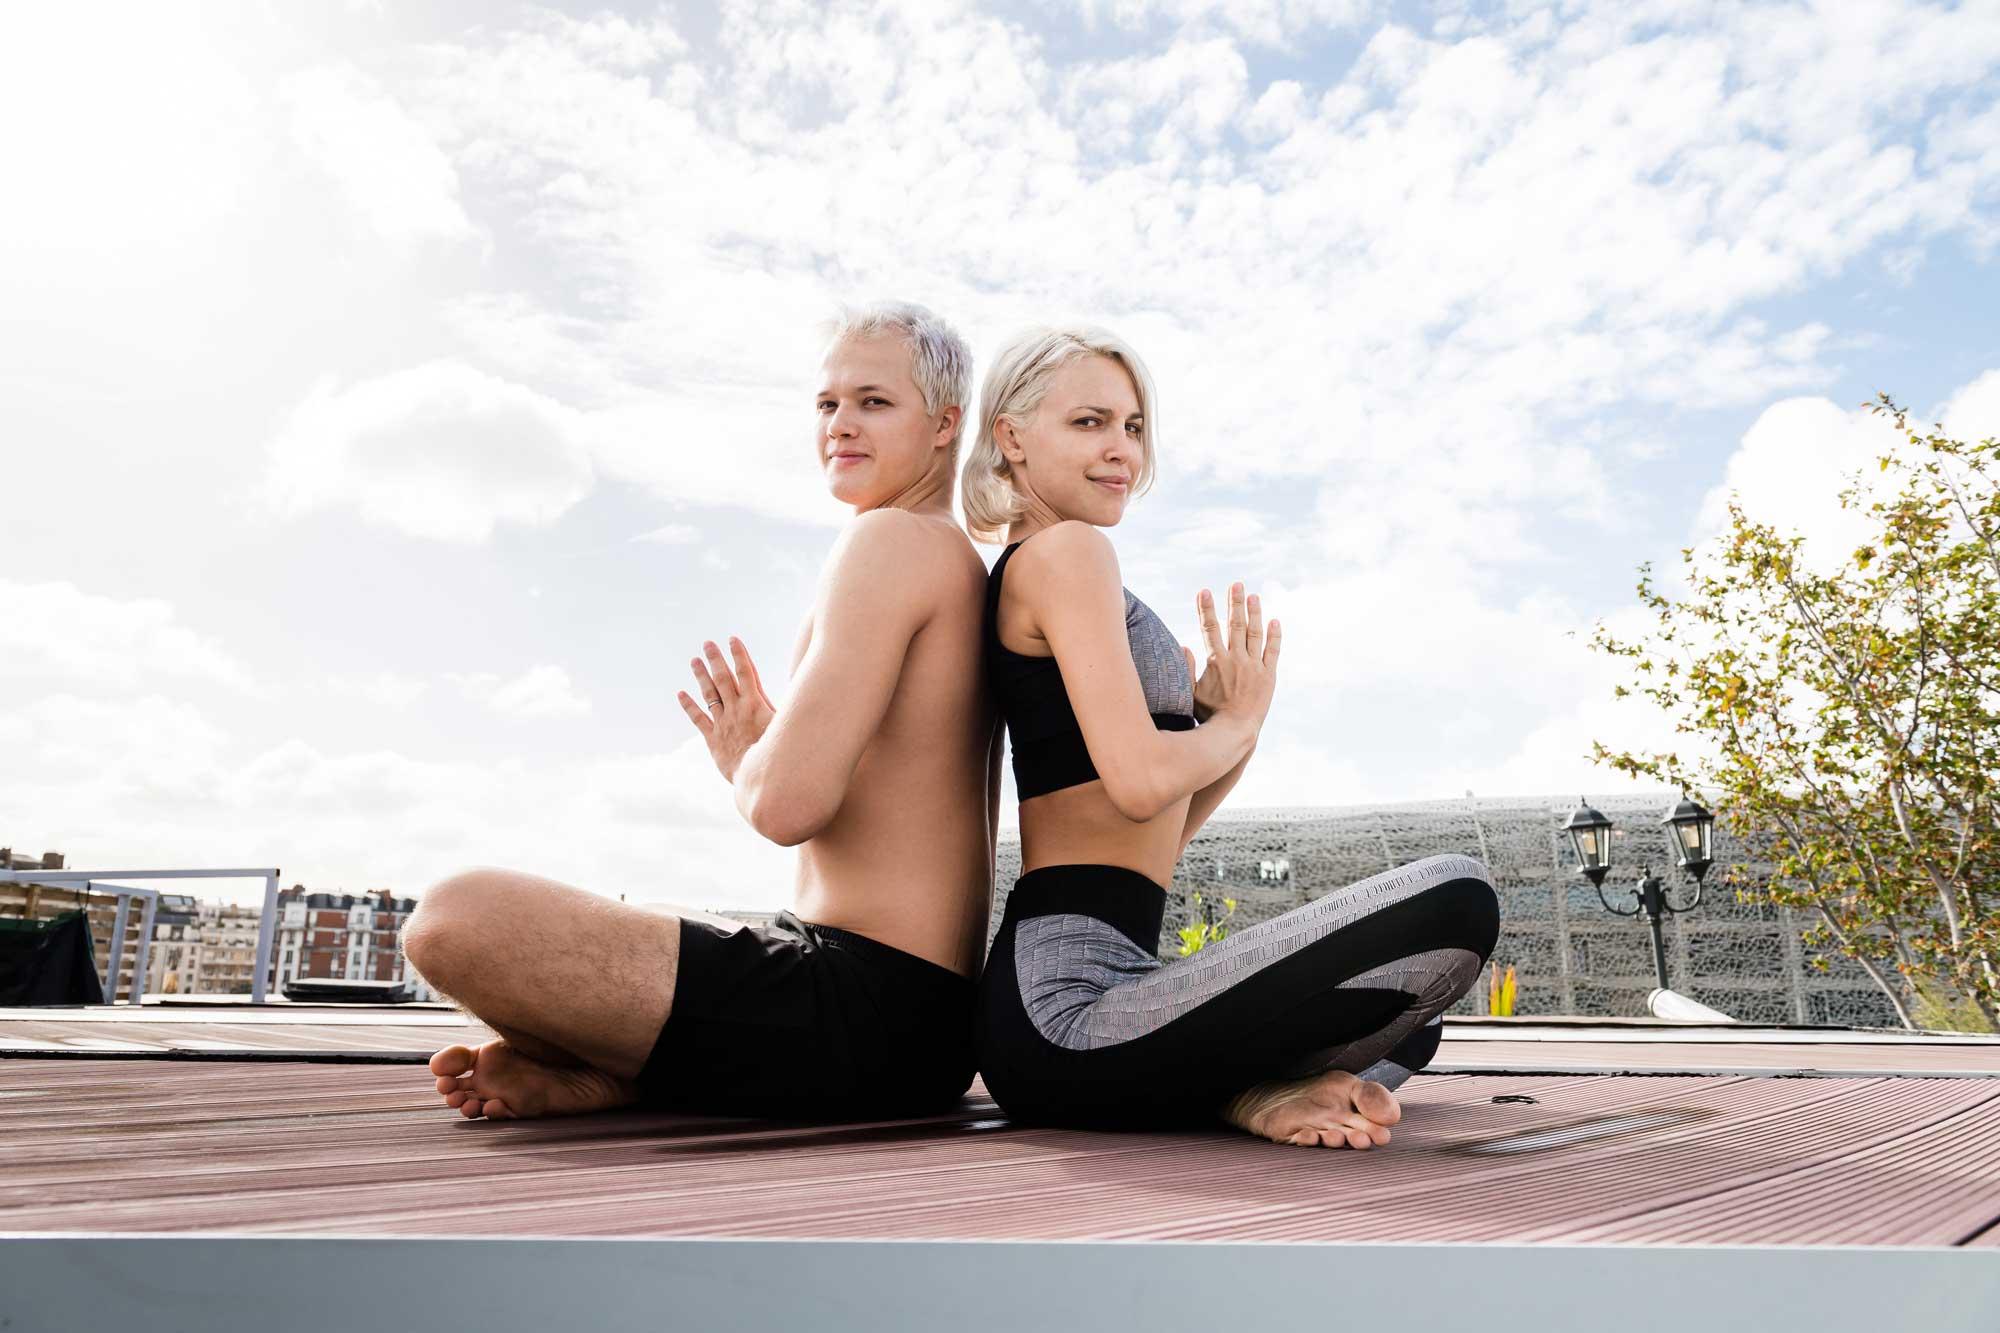 Hot Aria Crescendo nudes (86 photo), Pussy, Paparazzi, Twitter, legs 2006